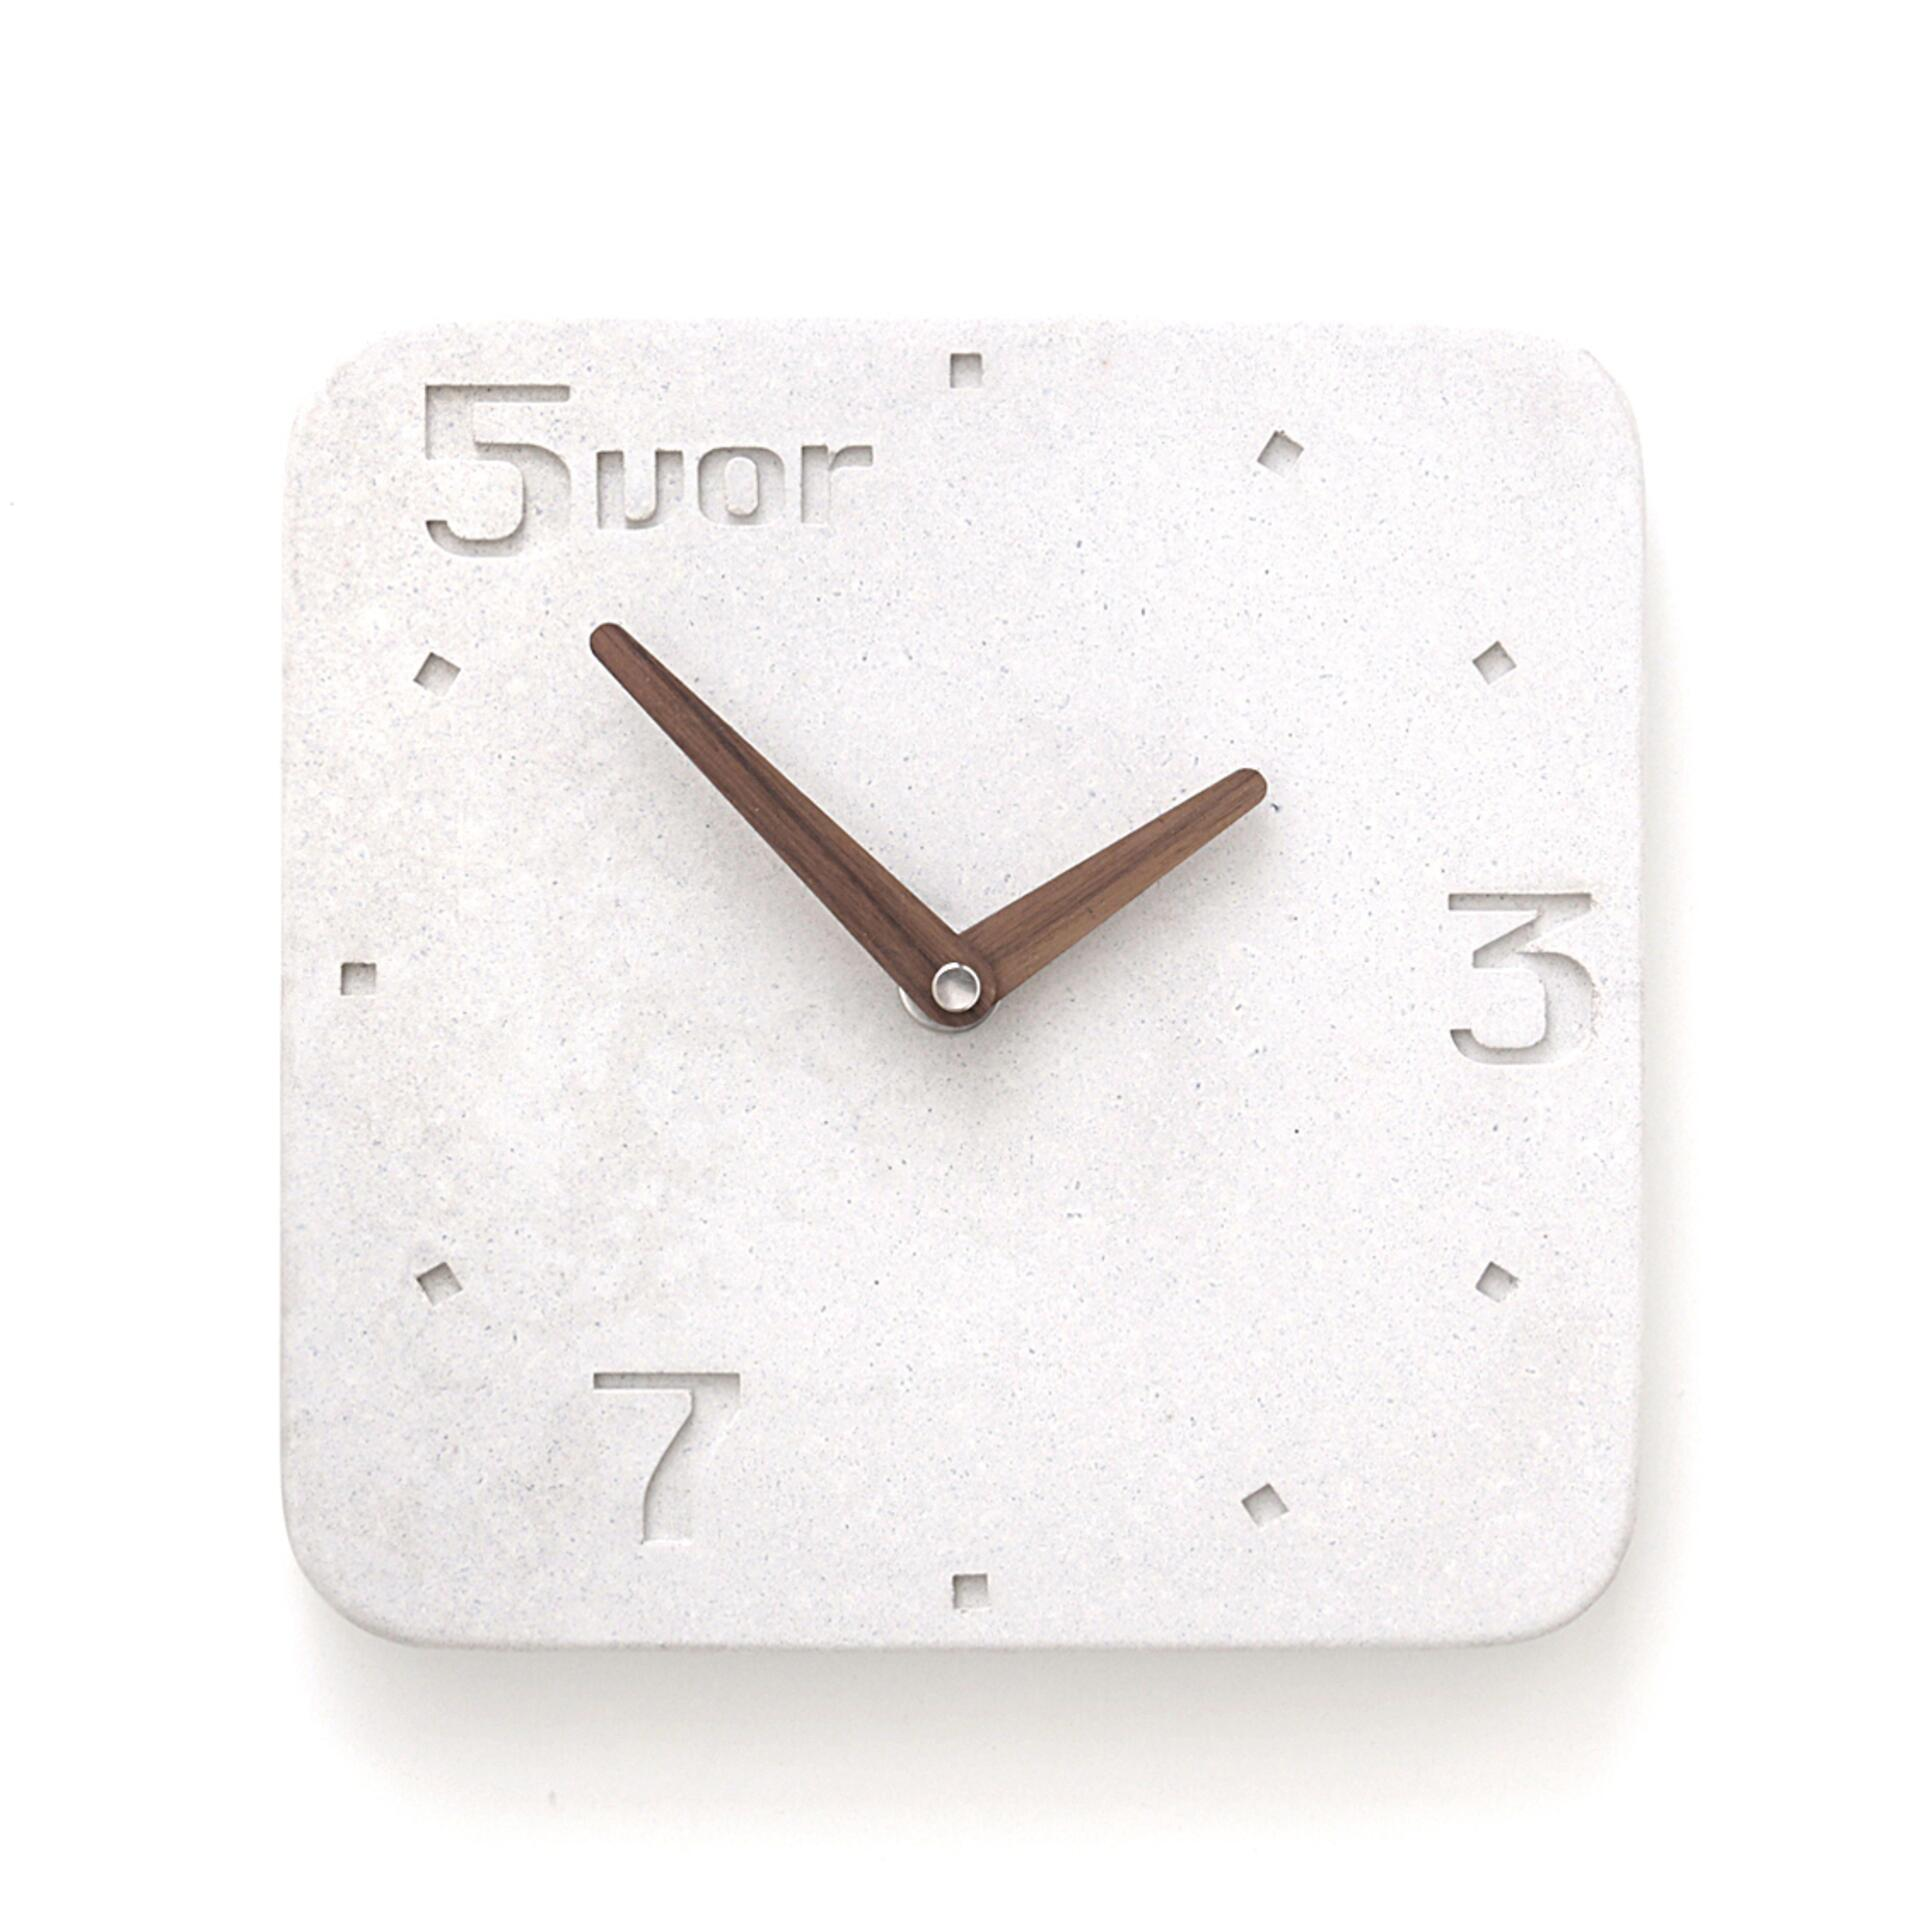 Wertwerke Betonuhr 5VOR Weiß 38 x 38 cm Nussbaum Vollflächig